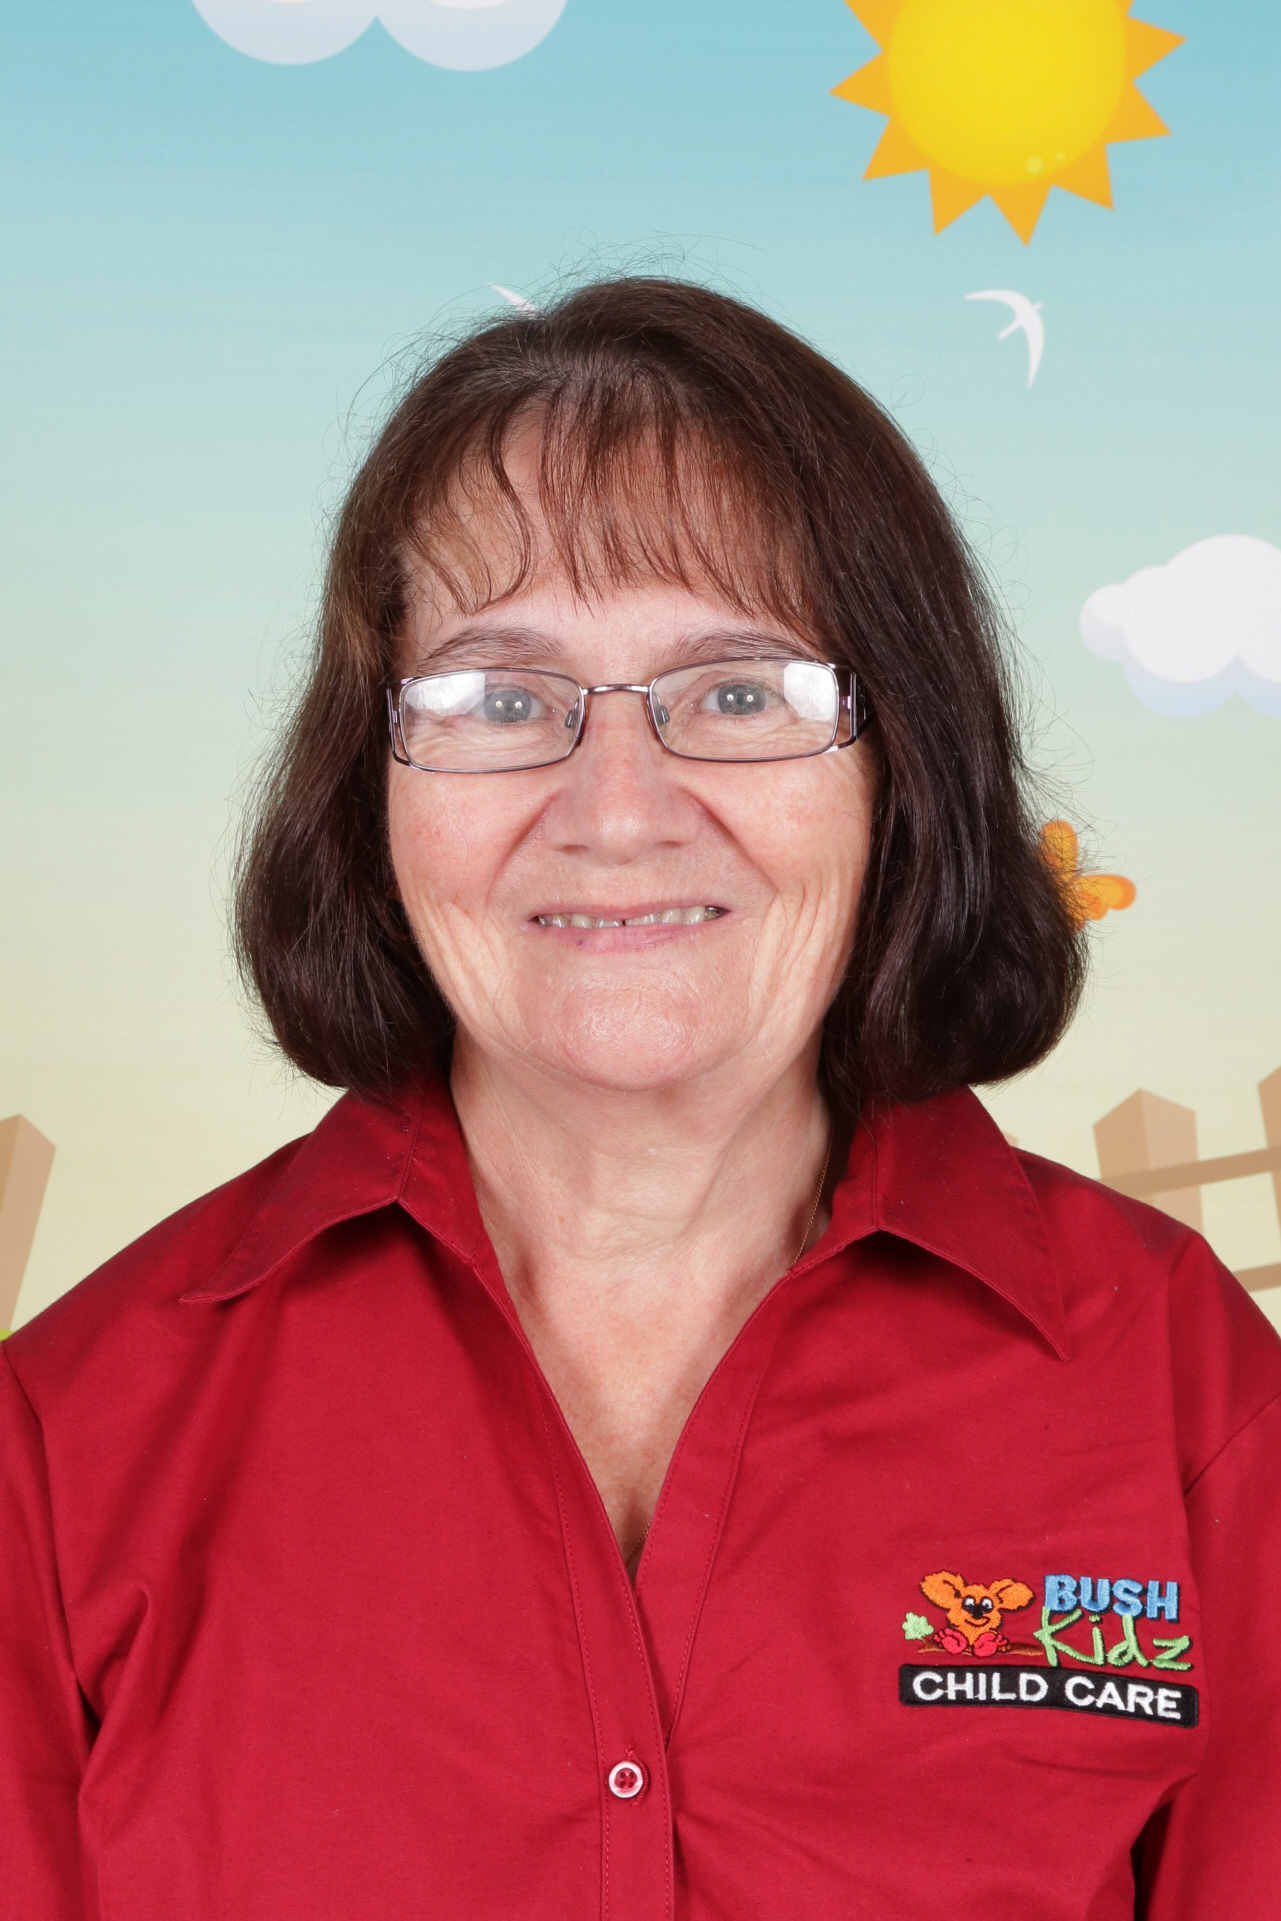 McConville, Linda | Bush Kidz Child Care Centre Blacksoil Educator